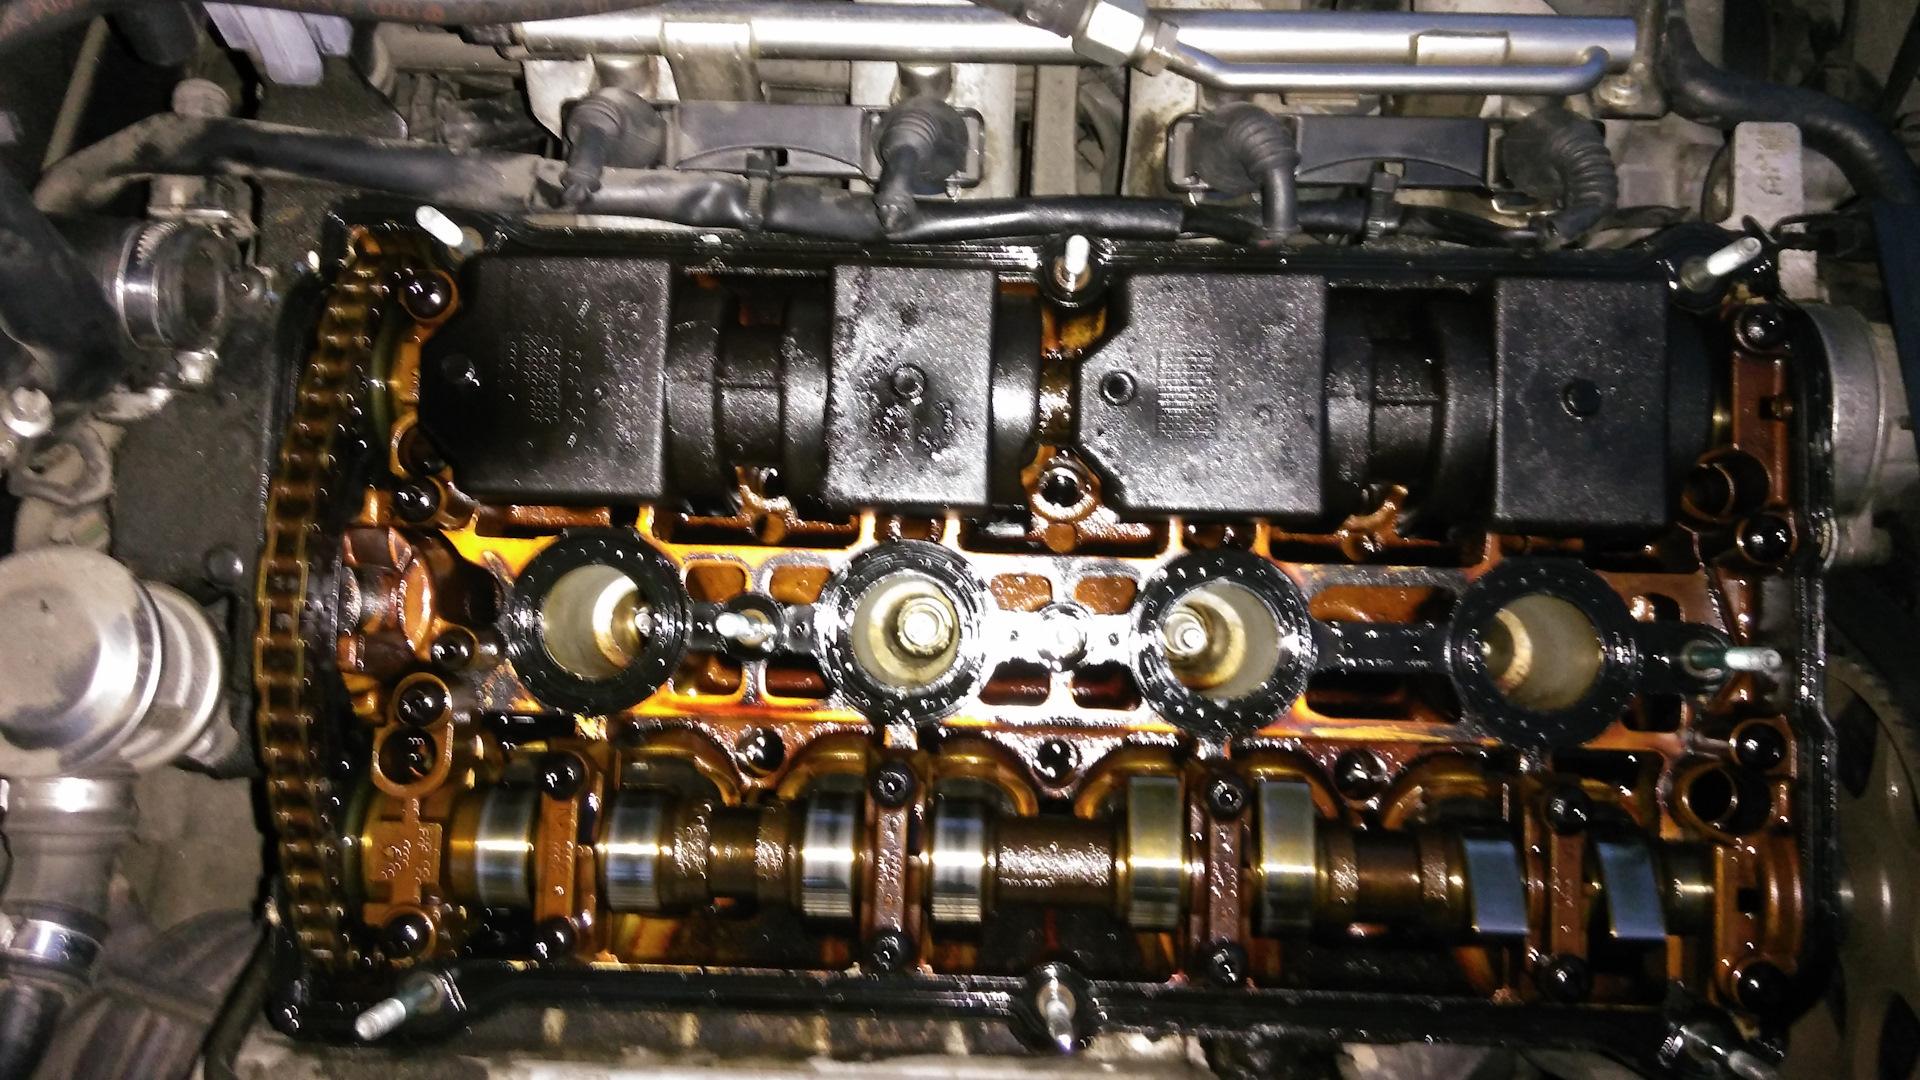 тех картинки двигателей после масла практически весь земной